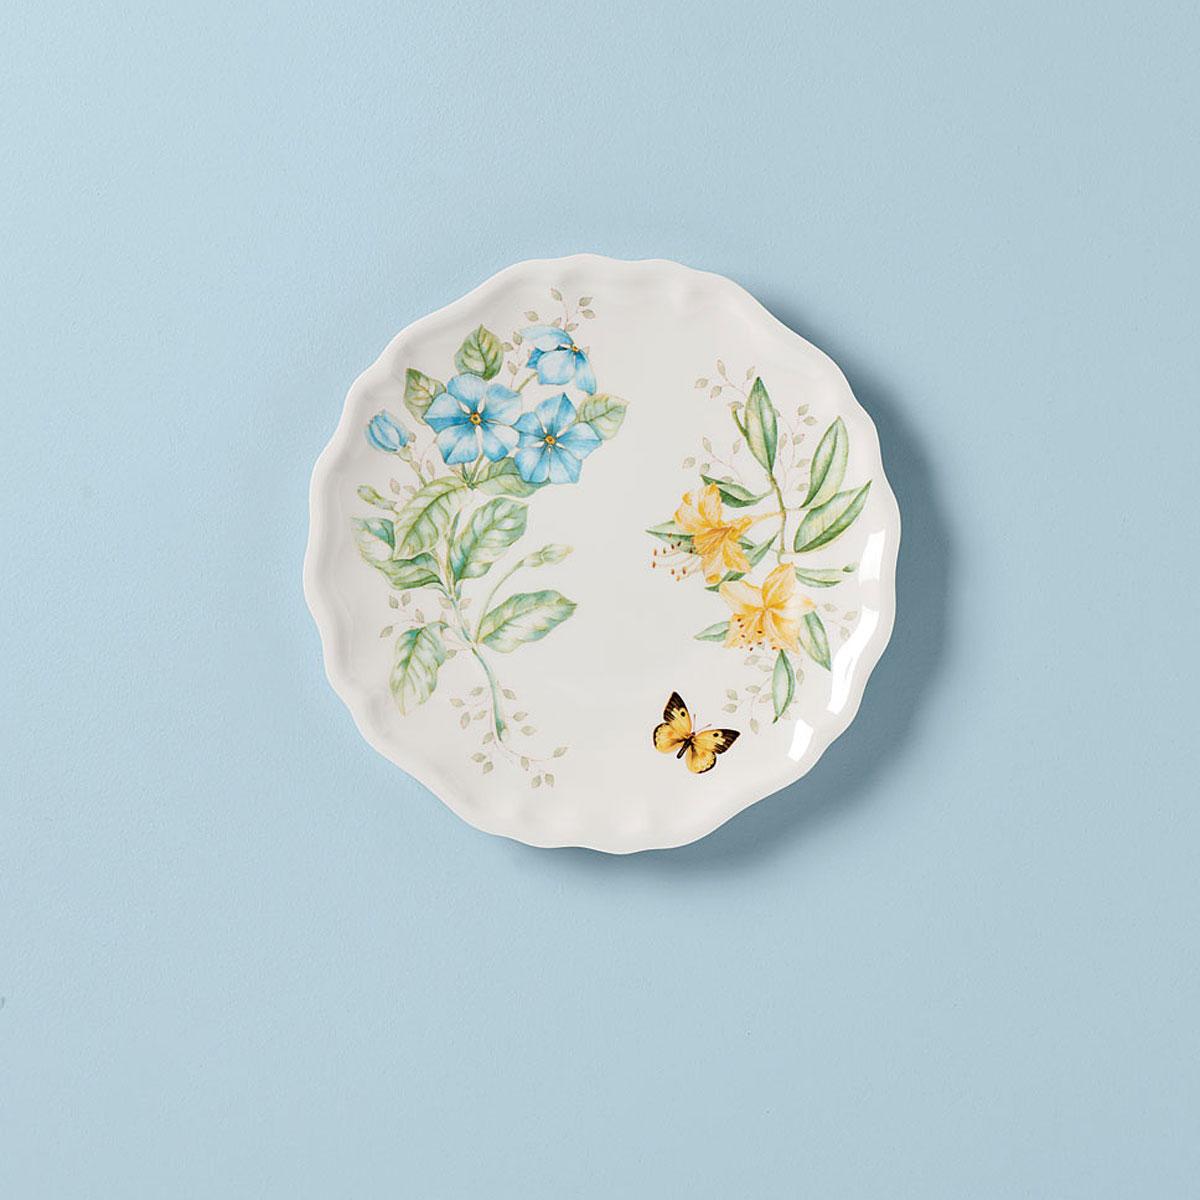 Lenox Butterfly Meadow Melamine Dinnerware Dinner Plate